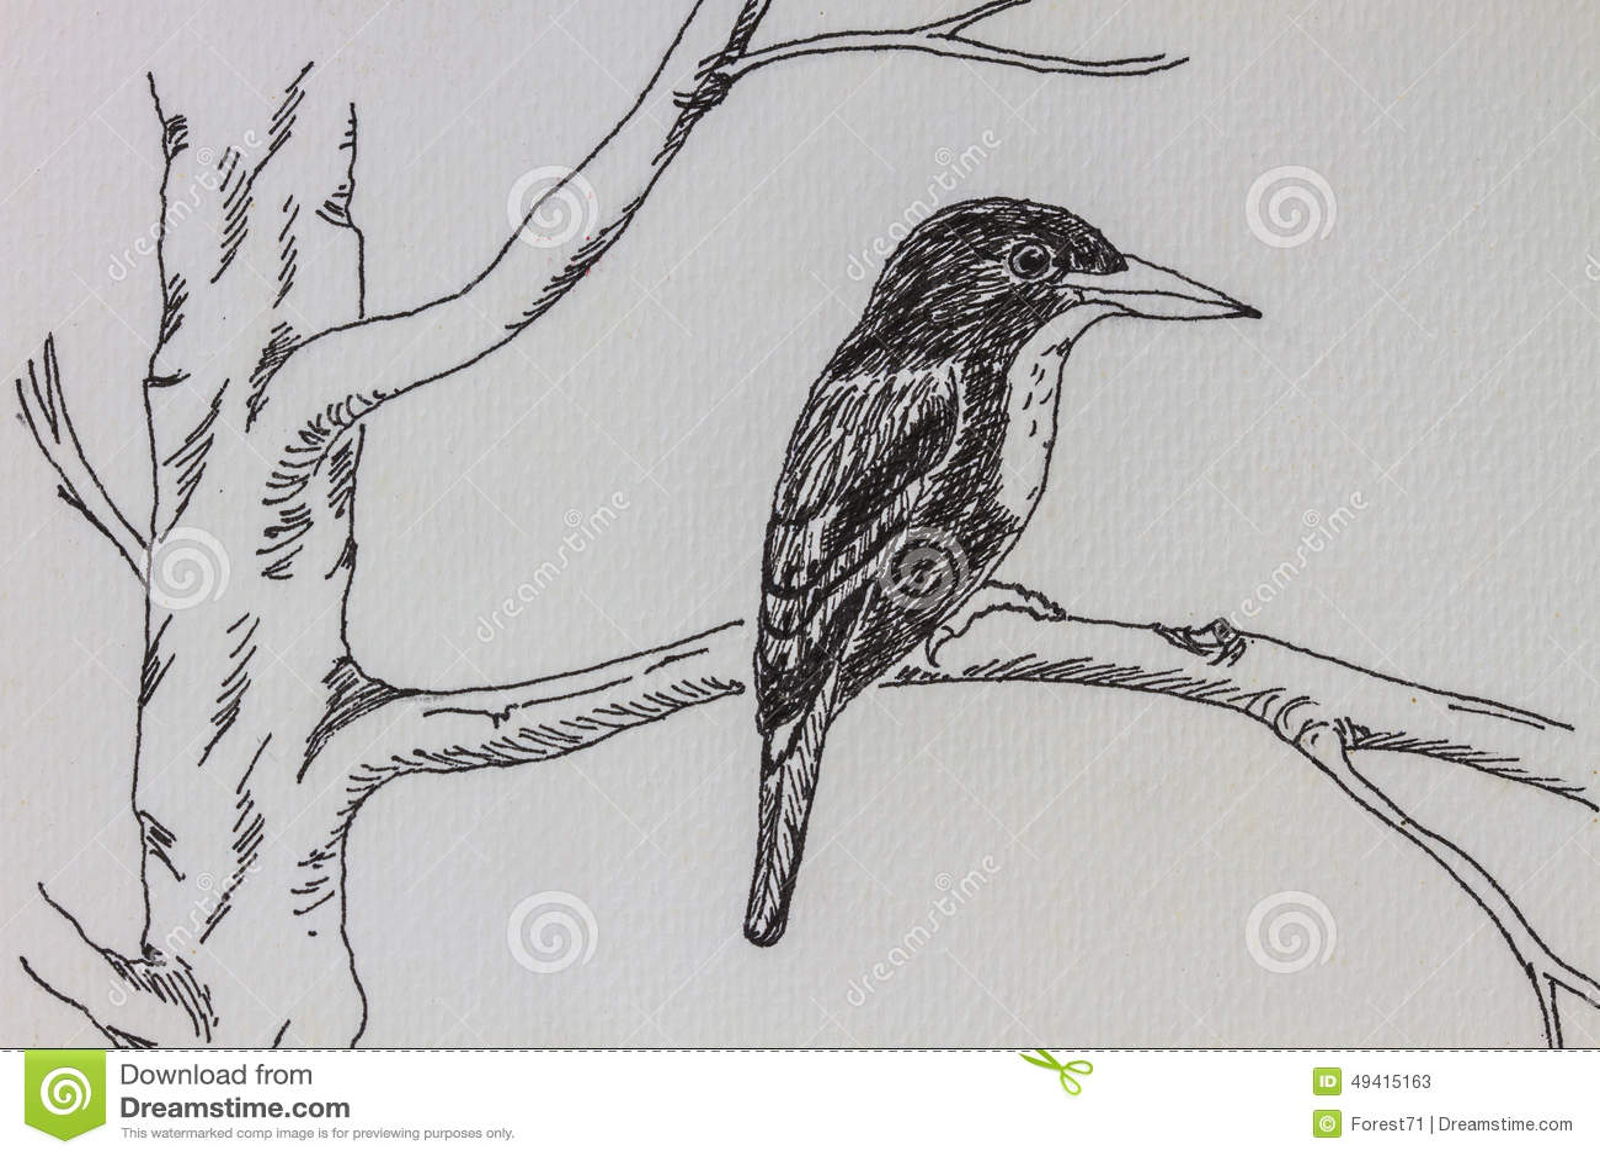 Download Vogelzeichnung stockbild. Bild von nett, vogel, schattenbild - 49415163